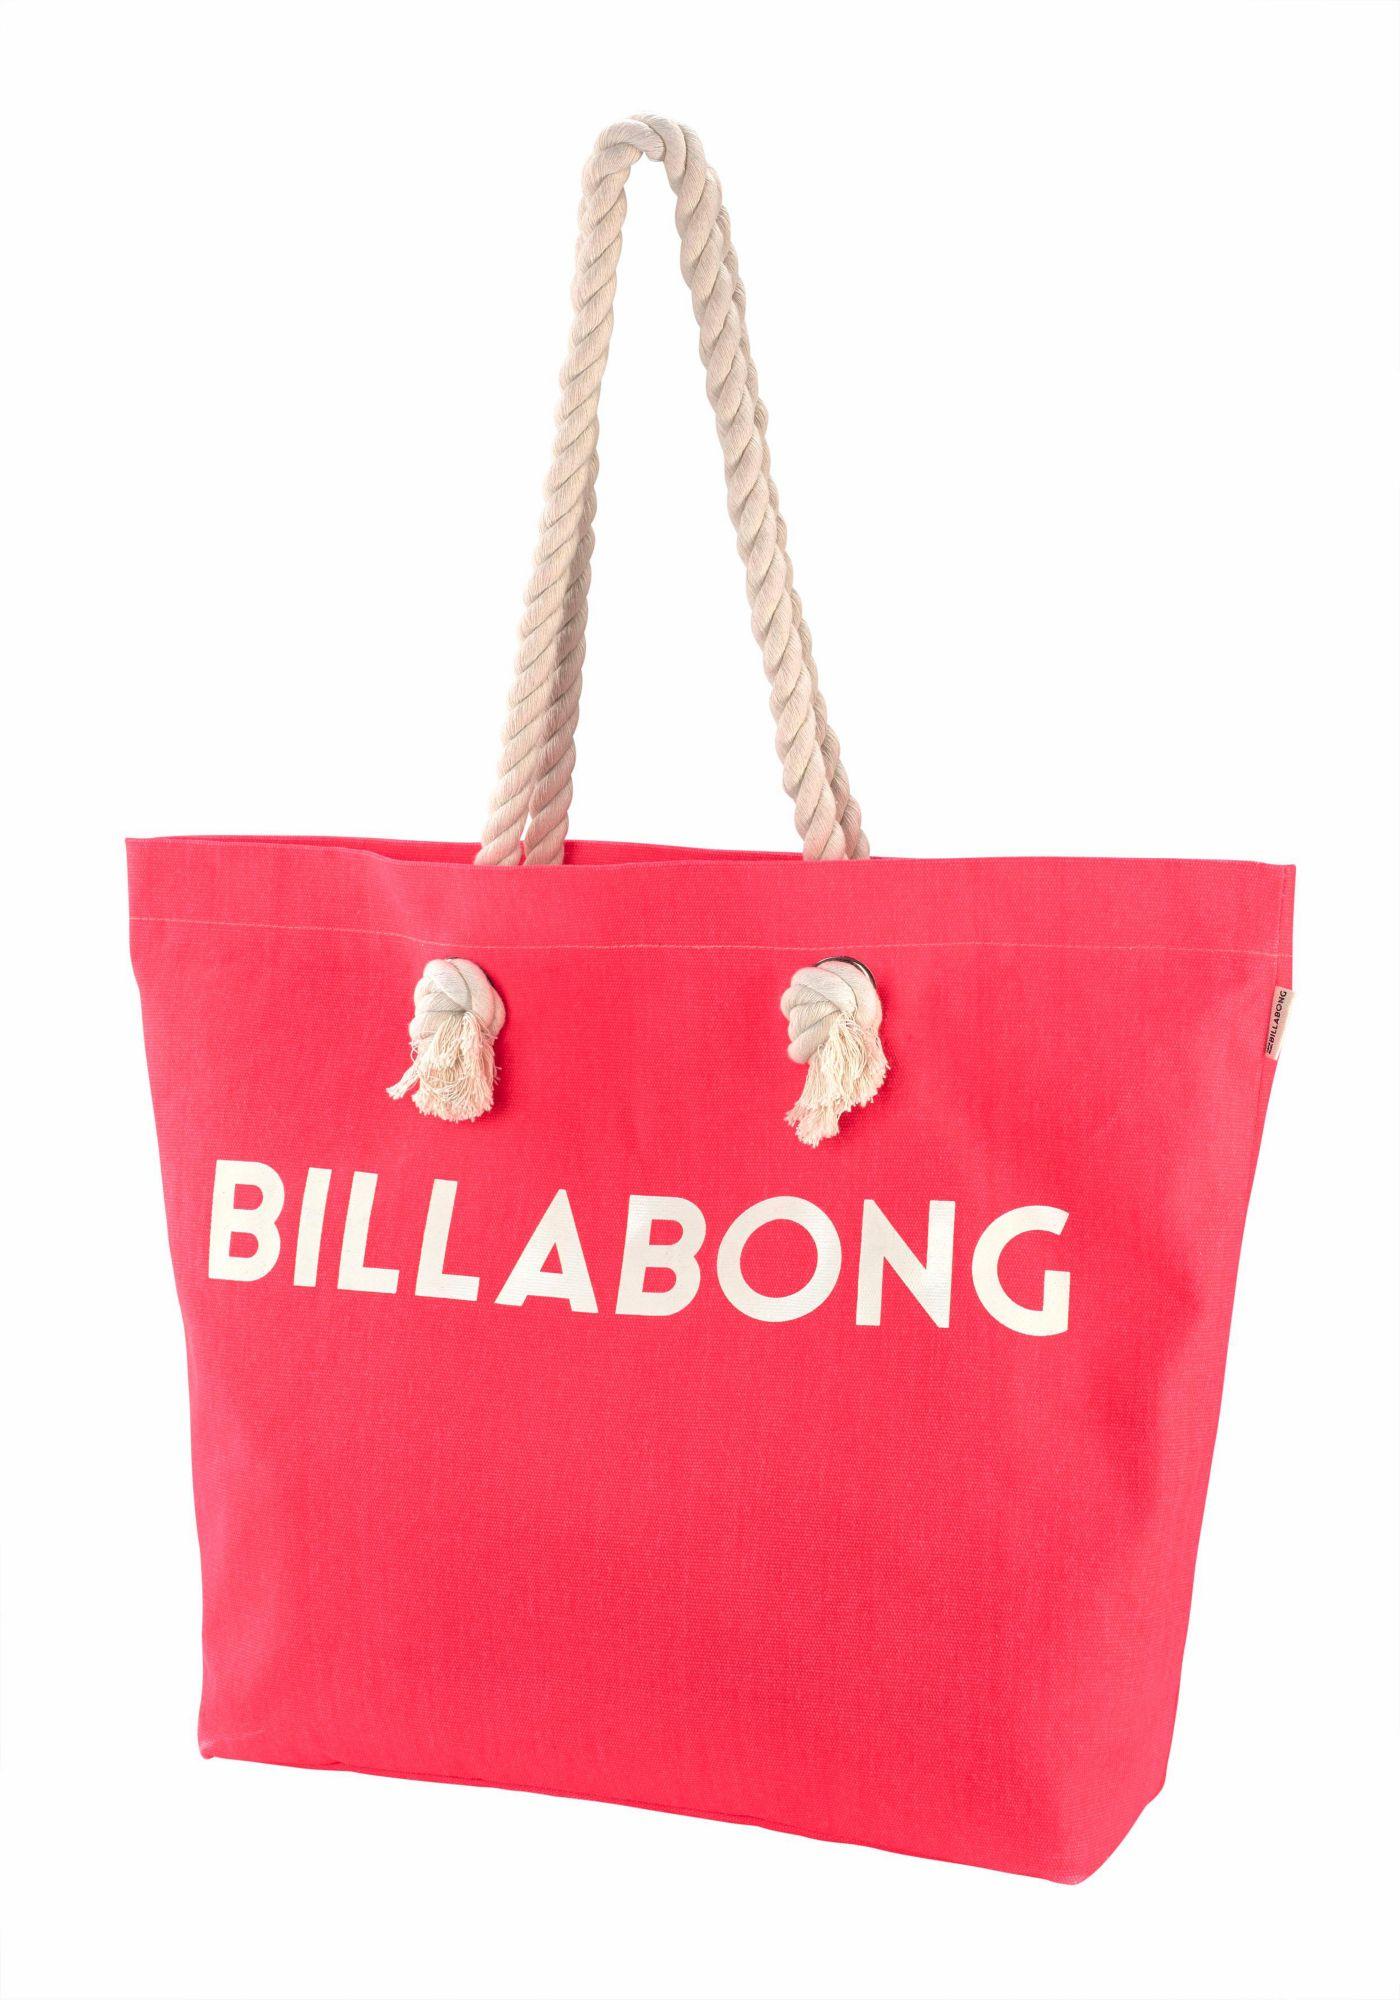 BILLABONG DAMEN Billabong Strandtasche